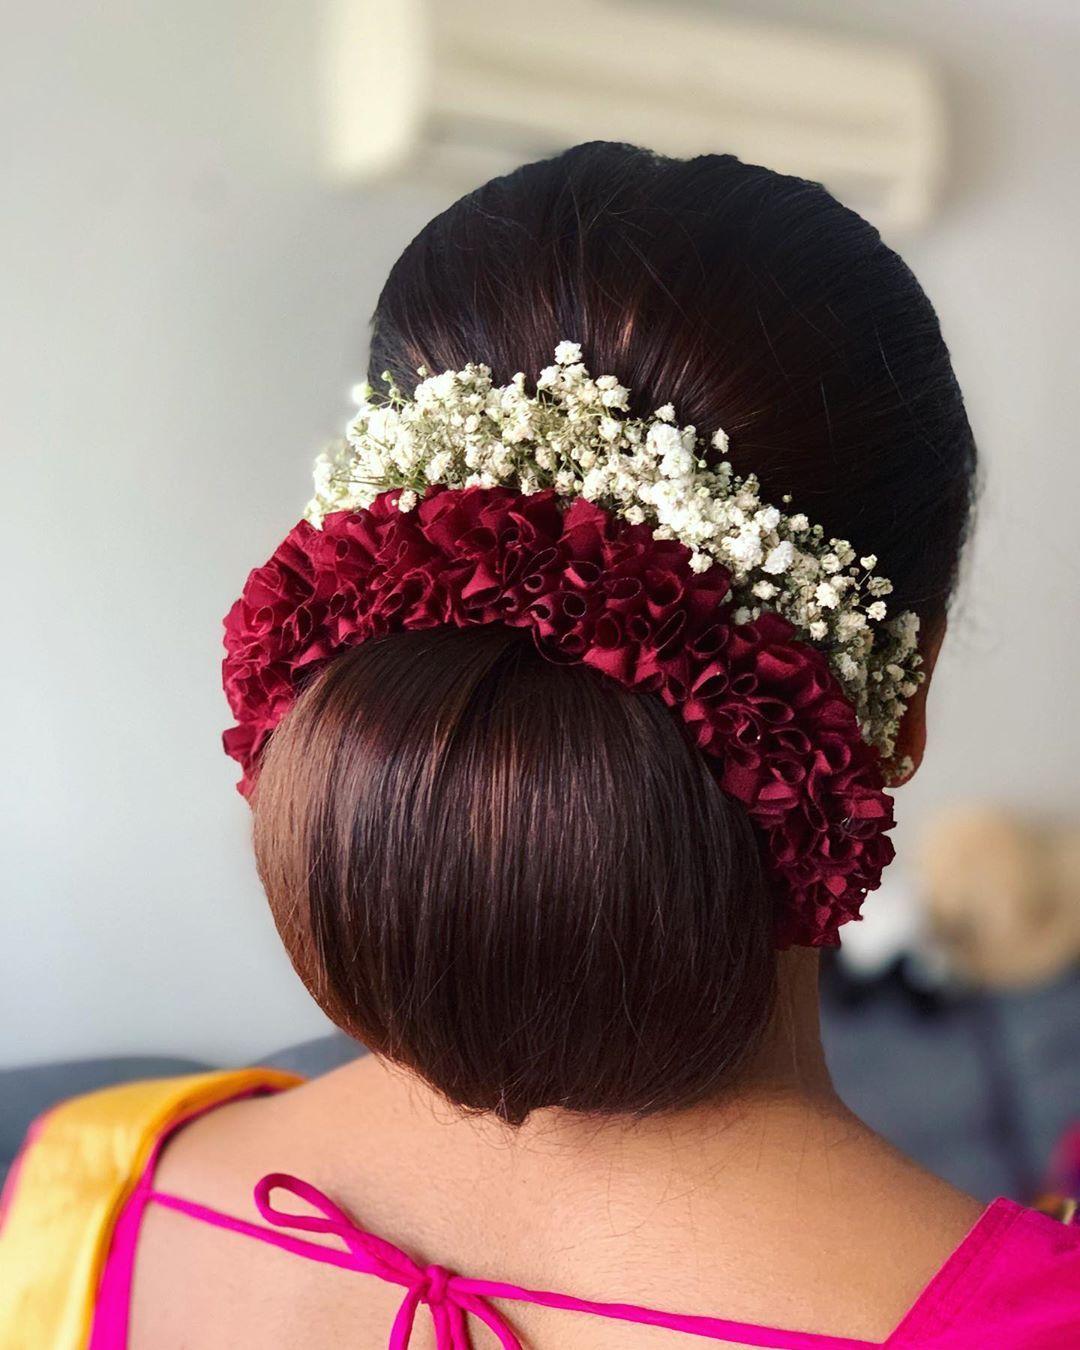 pindipa mayer on law bun in 2020  bun hairstyles for